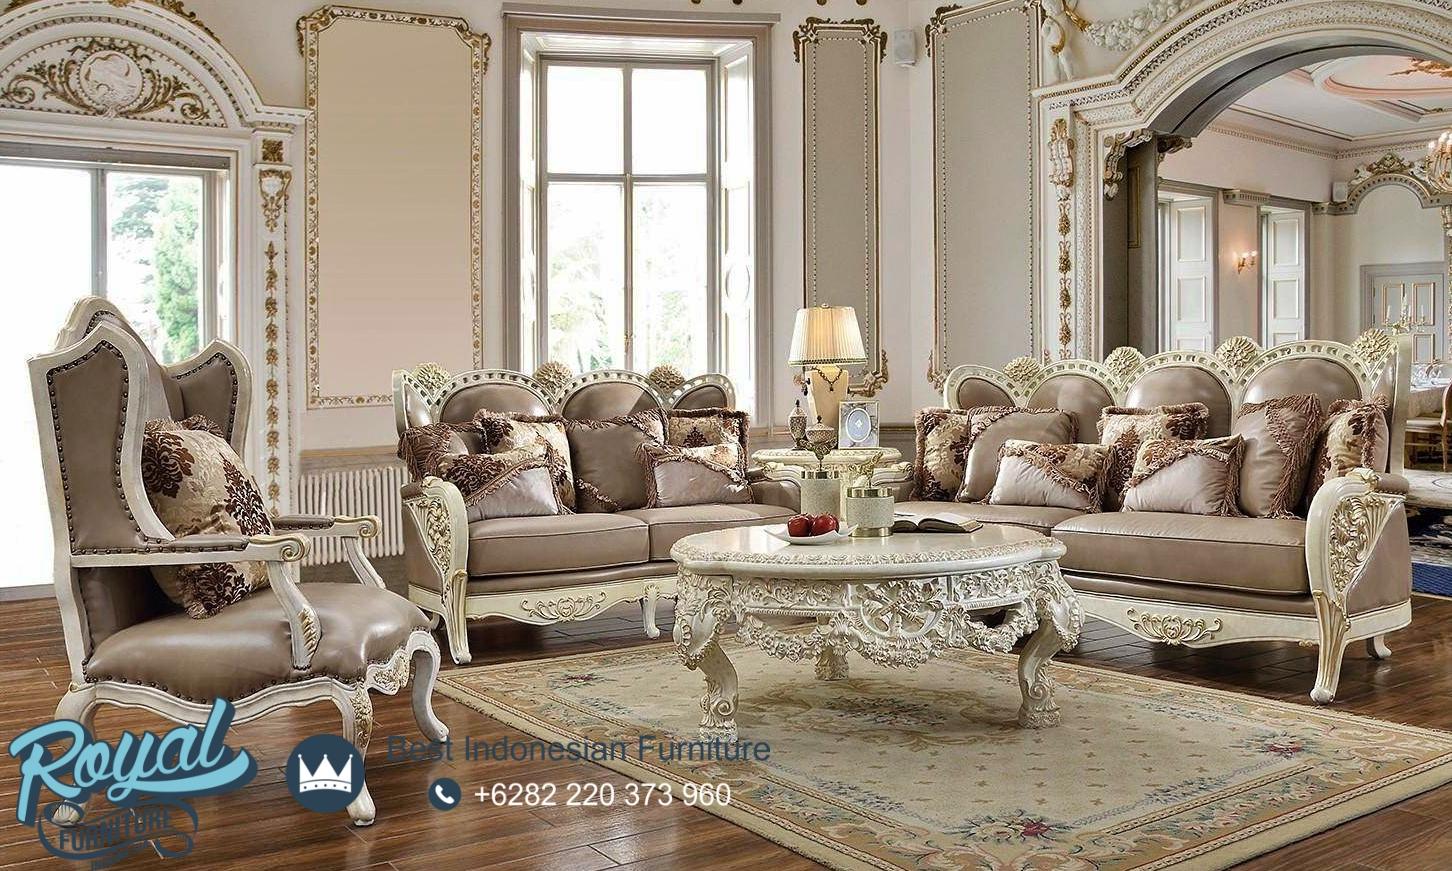 Sofa Ruang Tamu Mewah Ukir Klasik Gloria, sofa tamu mewah terbaru, sofa mewah minimalis, sofa mewah terbaru, sofa mewah kulit asli, sofa mewah modern, model sofa mewah dan elegan, sofa mewah minimalist terbaru, jual sofa mewah murah, harga sofa terbaru jati jepara, gambar sofa mewah, sofa ruang tamu mewah dan luas, sofa ruang tamu ukir jepara terbaru, kursi tamu jati jepara terbaru, sofa tamu klasik mewah, sofa tamu mewah, sofa ruang tamu terbaru, kursi ruang tamu mewah, sofa mewah modern, sofa ruang tamu kecil, sofa ruang tamu elegan, desain sofa ruang tamu klasik eropa, toko furniture jepara, jual furniture jati jepara, mebel jepara terbaru, royal furniture